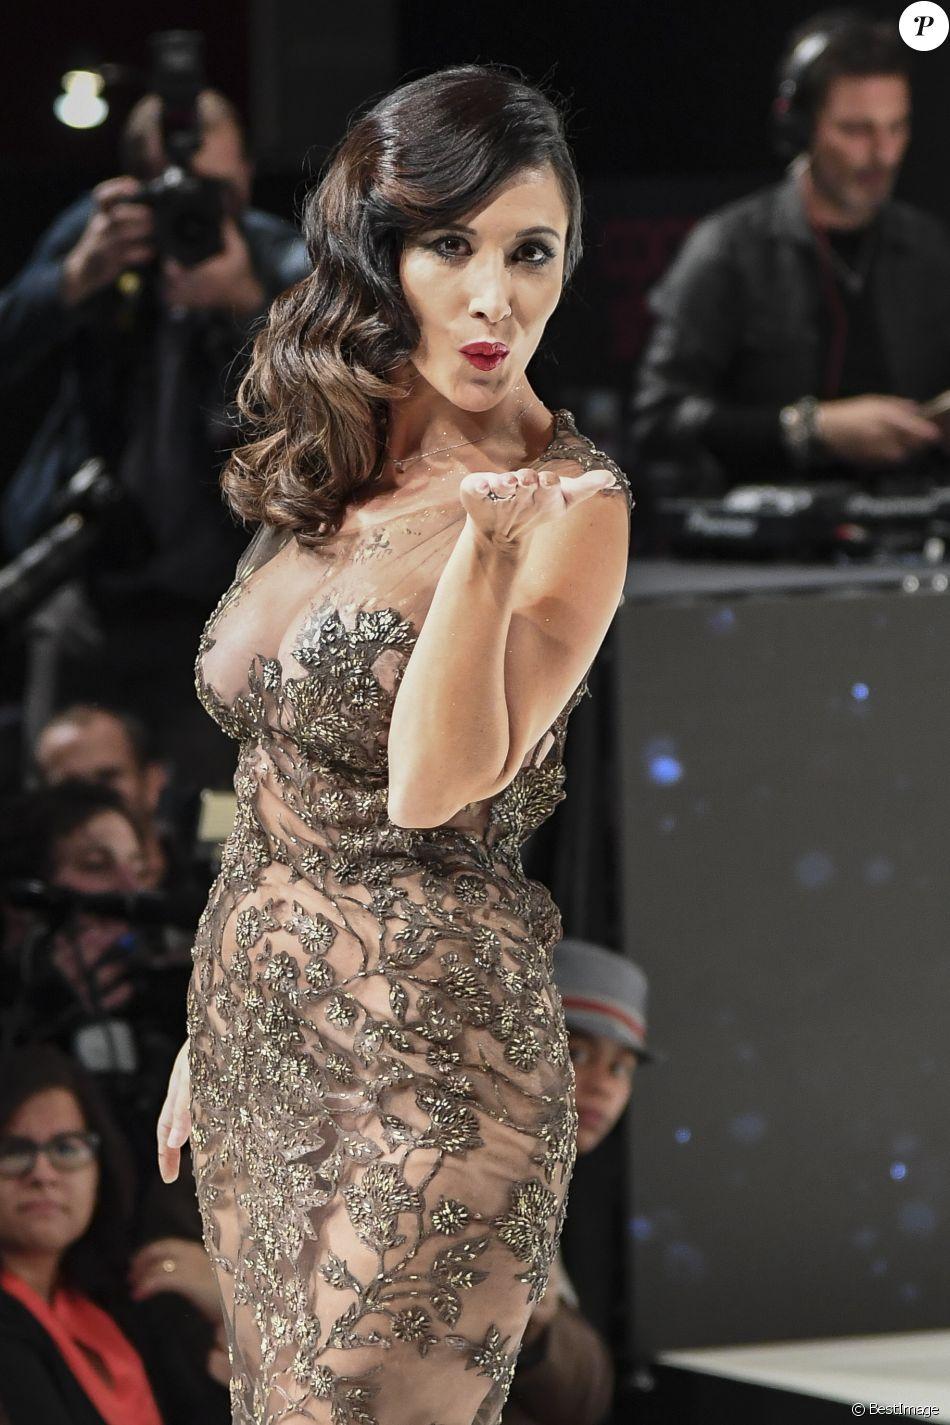 Samia Nassri (par Fabienne Carat) - Page 6 2968361-fabienne-carat-defile-du-22eme-salon-d-950x0-1